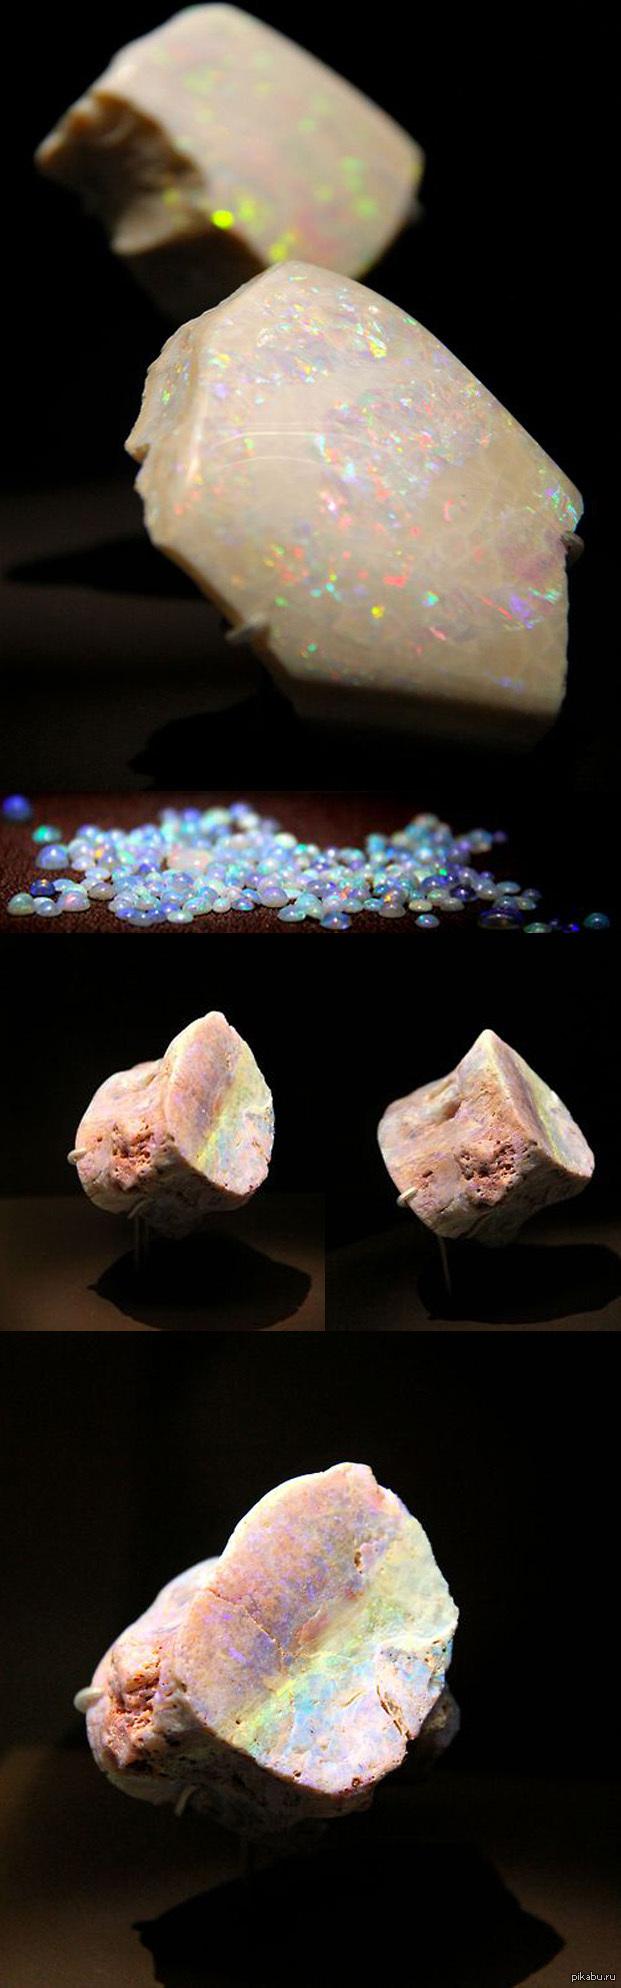 Опал  SiO2·nH2O (гидрат диоксида кремния) Большинство опалов встречаются в Австралии, хотя в 2008 году NASA сообщило,что  месторождения были обнаружены на Марсе в растворенных базальтовых породах.